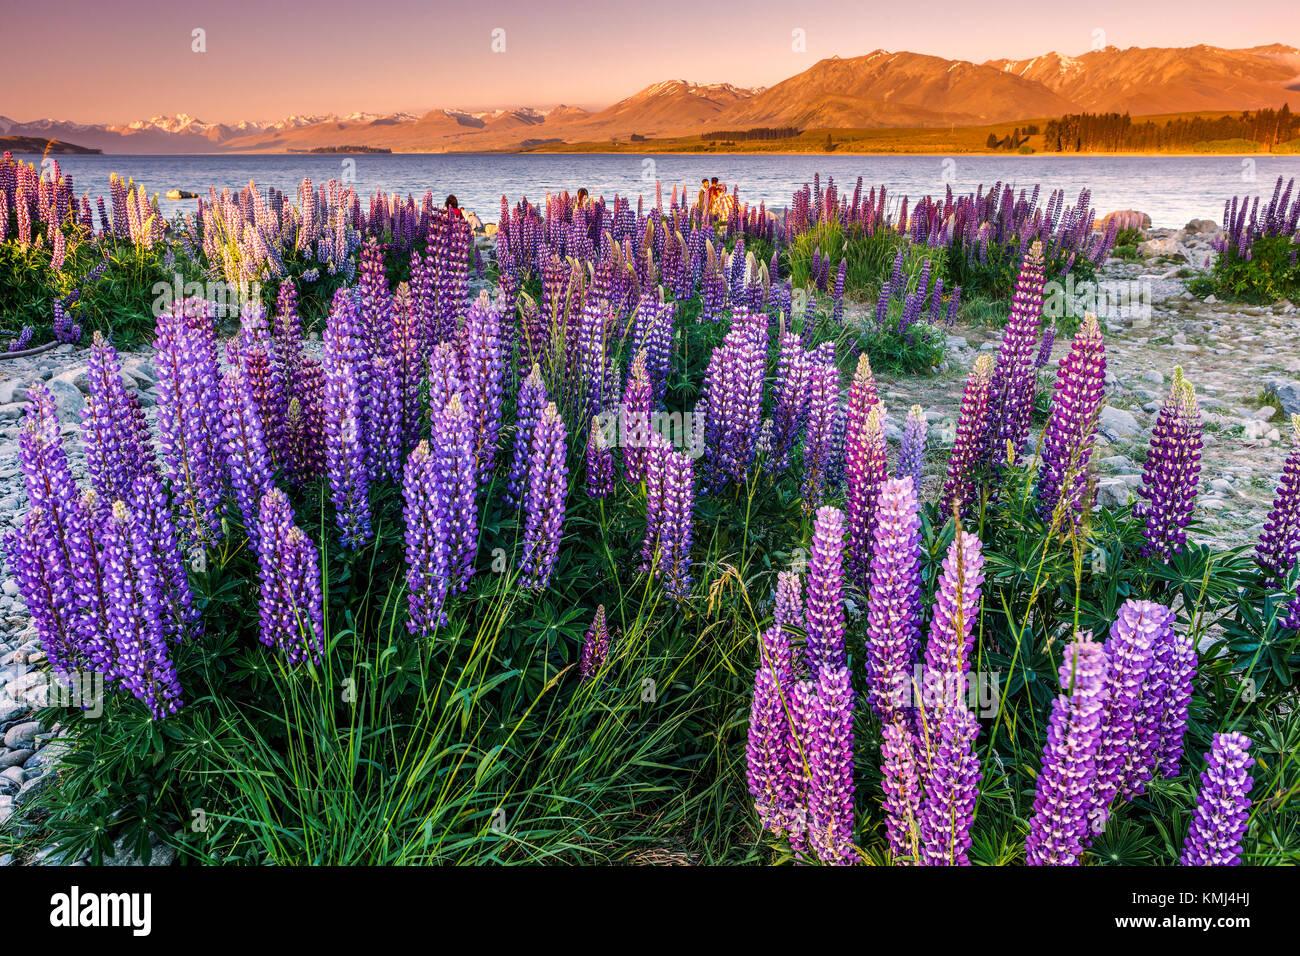 Los altramuces en el Lago Tekapo, Mac Kenzie País, Nueva Zelandia. Imagen De Stock